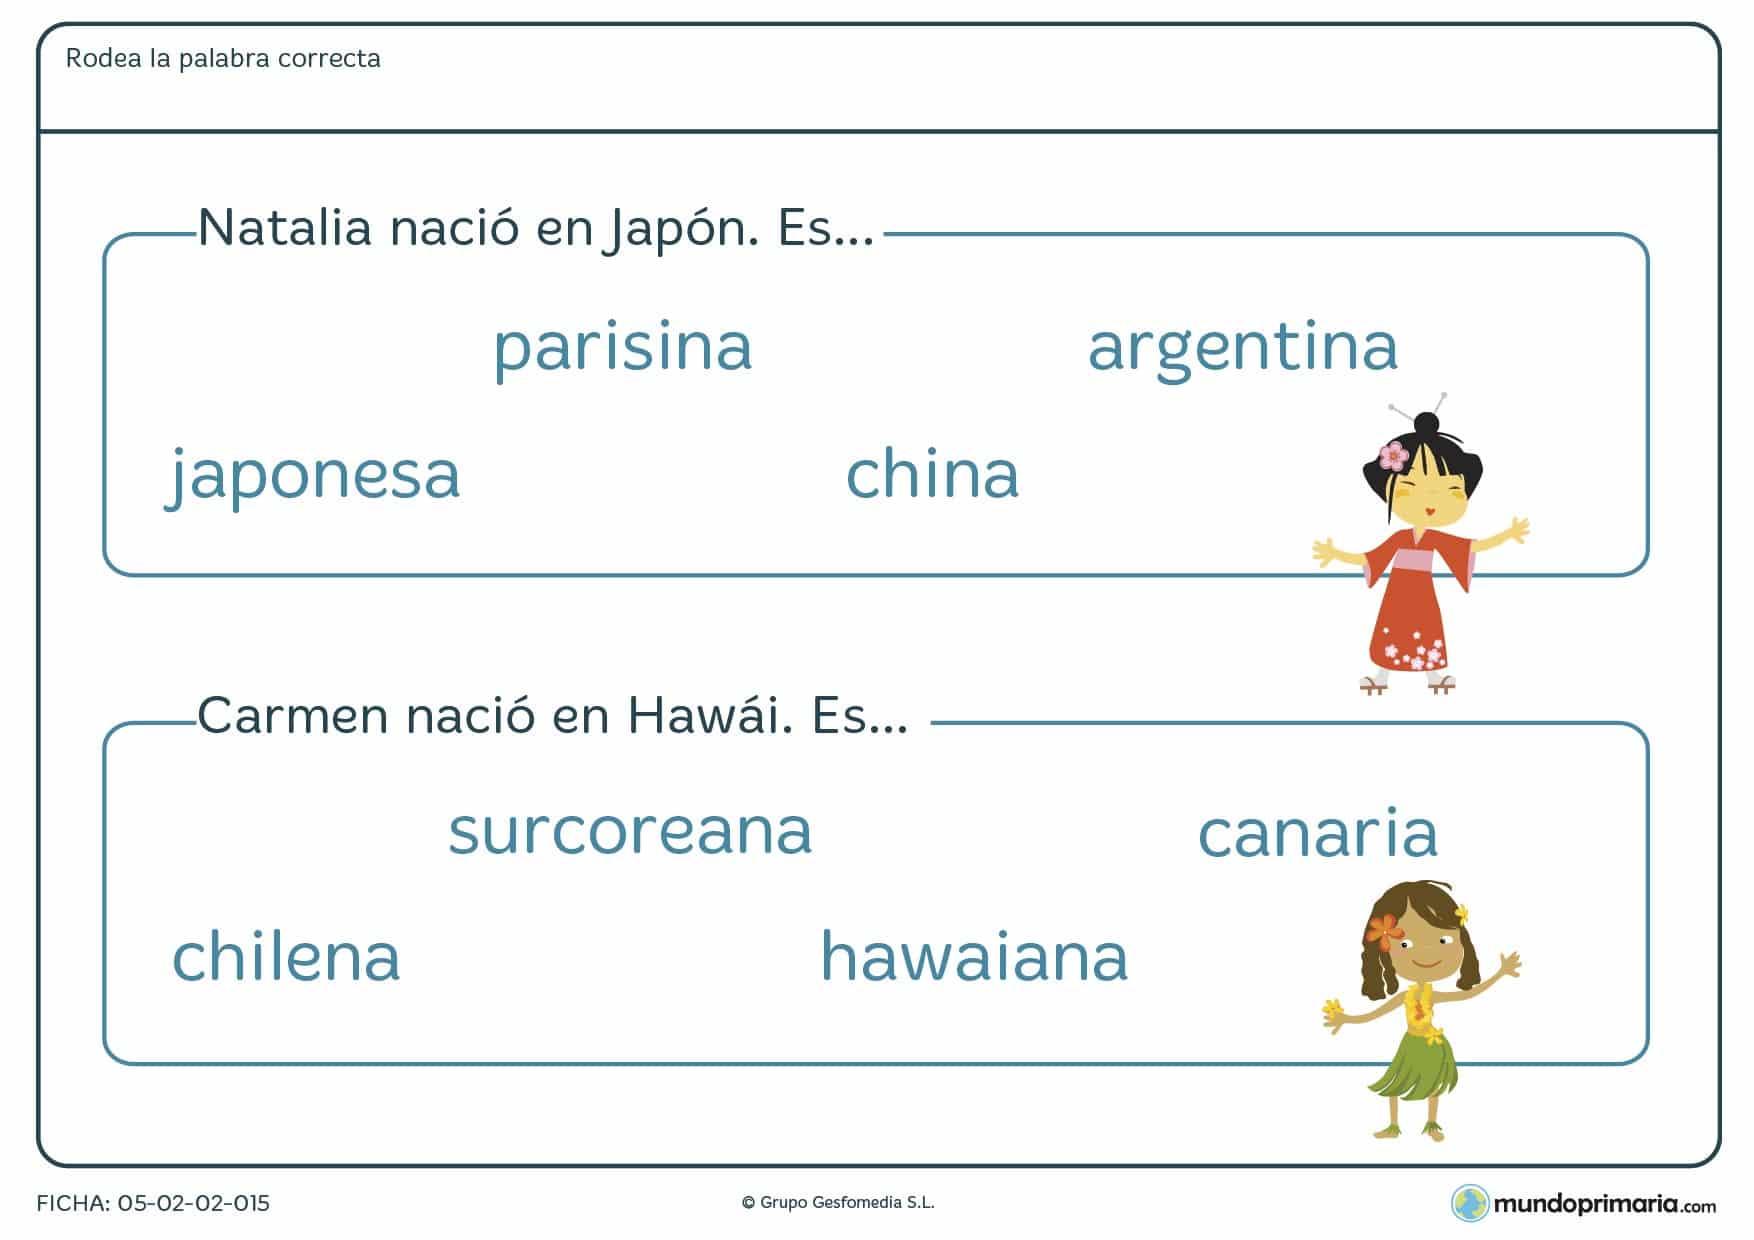 Ficha sobre los orígenes de Japón y Hawái para niños de 3º curso